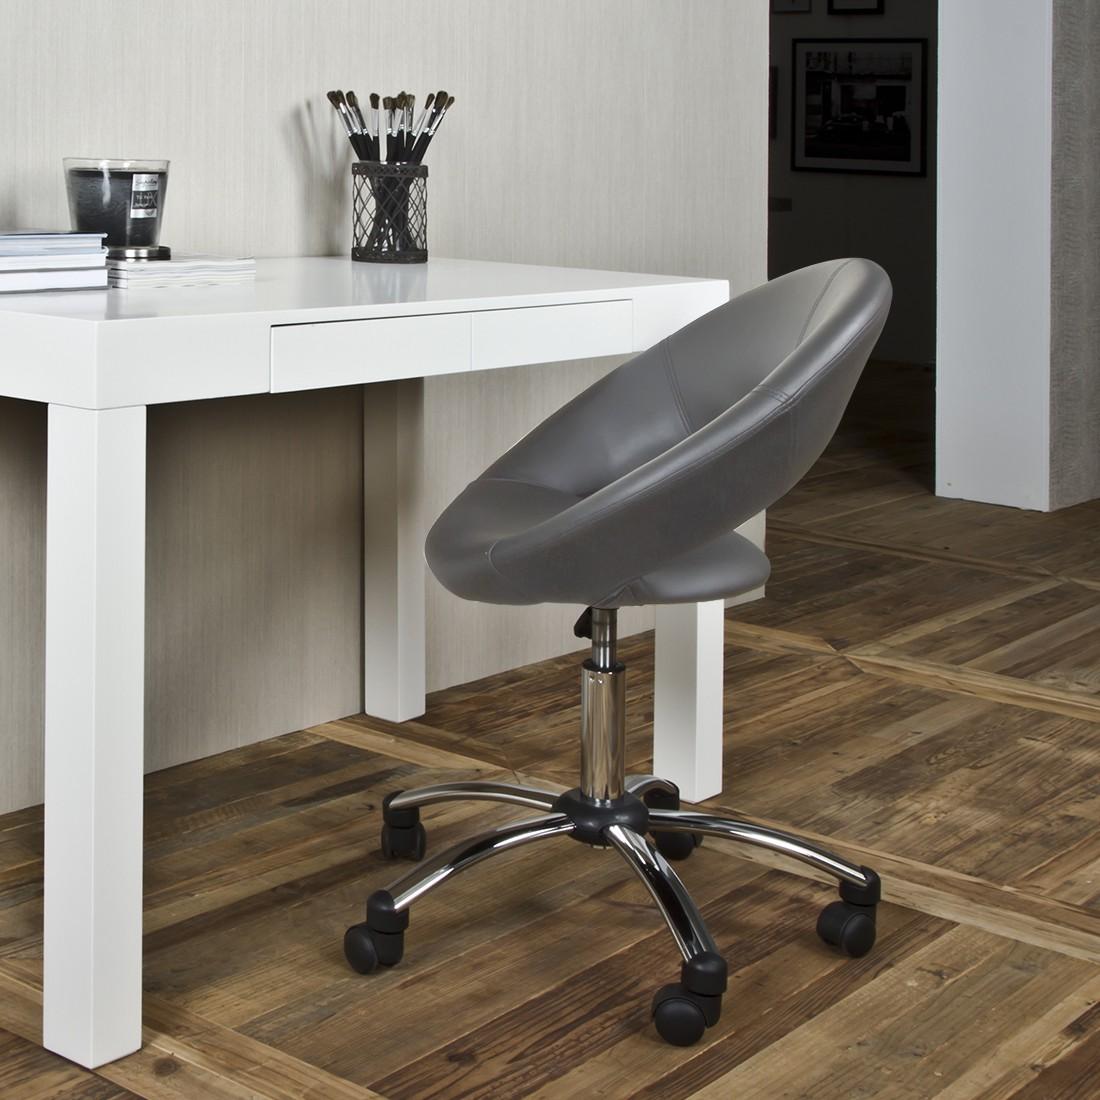 schreibtisch set g nstig kaufen. Black Bedroom Furniture Sets. Home Design Ideas